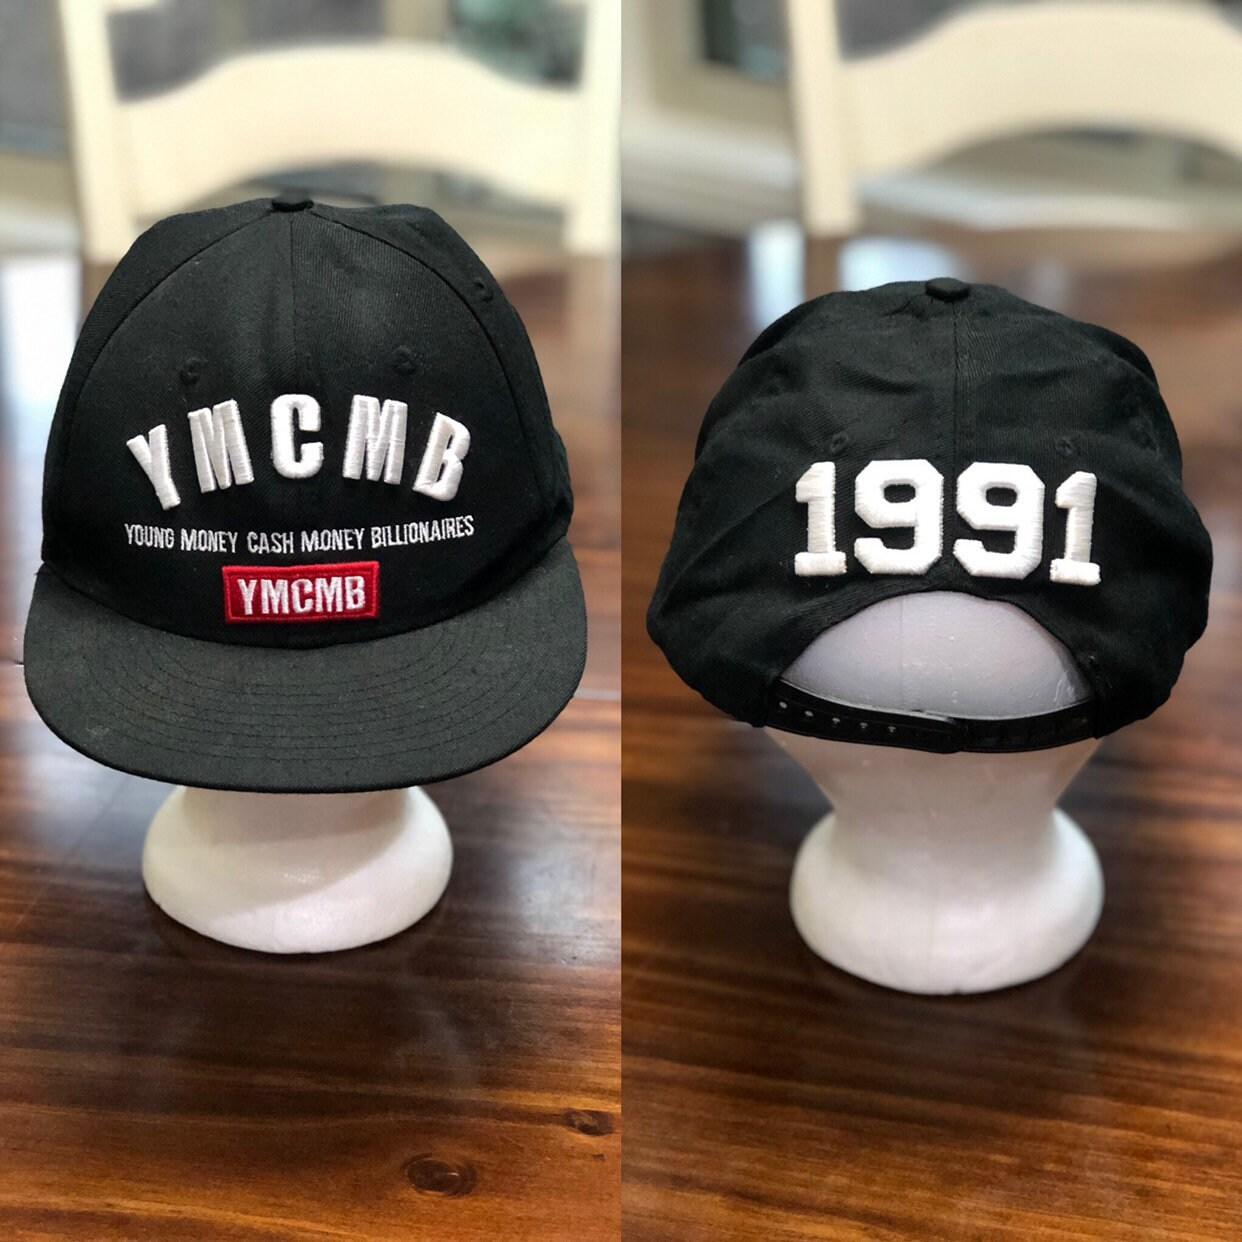 9d3c73e82c4 YMCMB 1991 cap hat snapback Young Money Cash Money